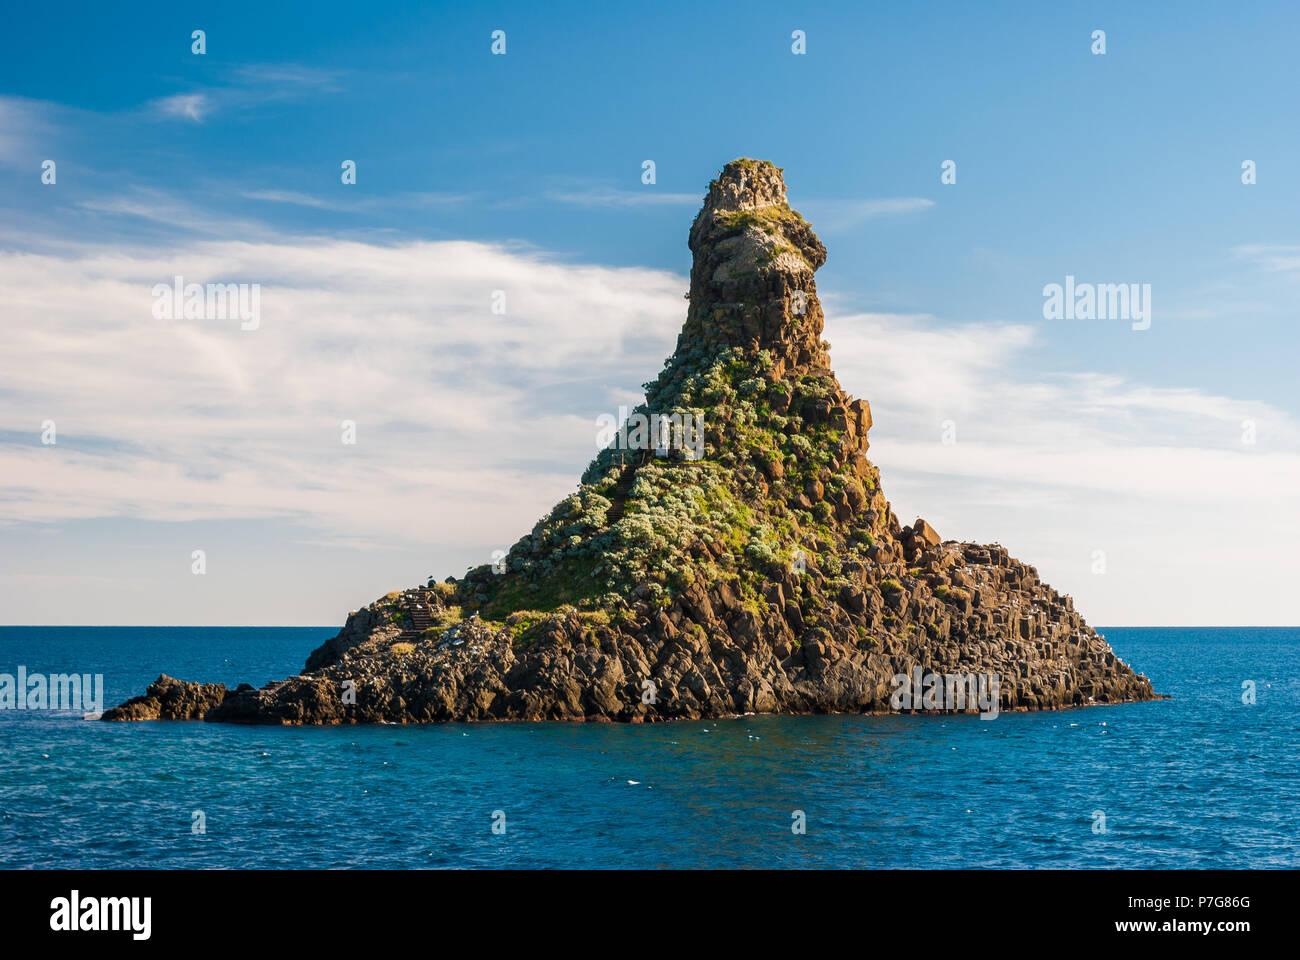 One of the sea stacks in Acitrezza (Catania, Sicily), called Faraglione Grande - Stock Image